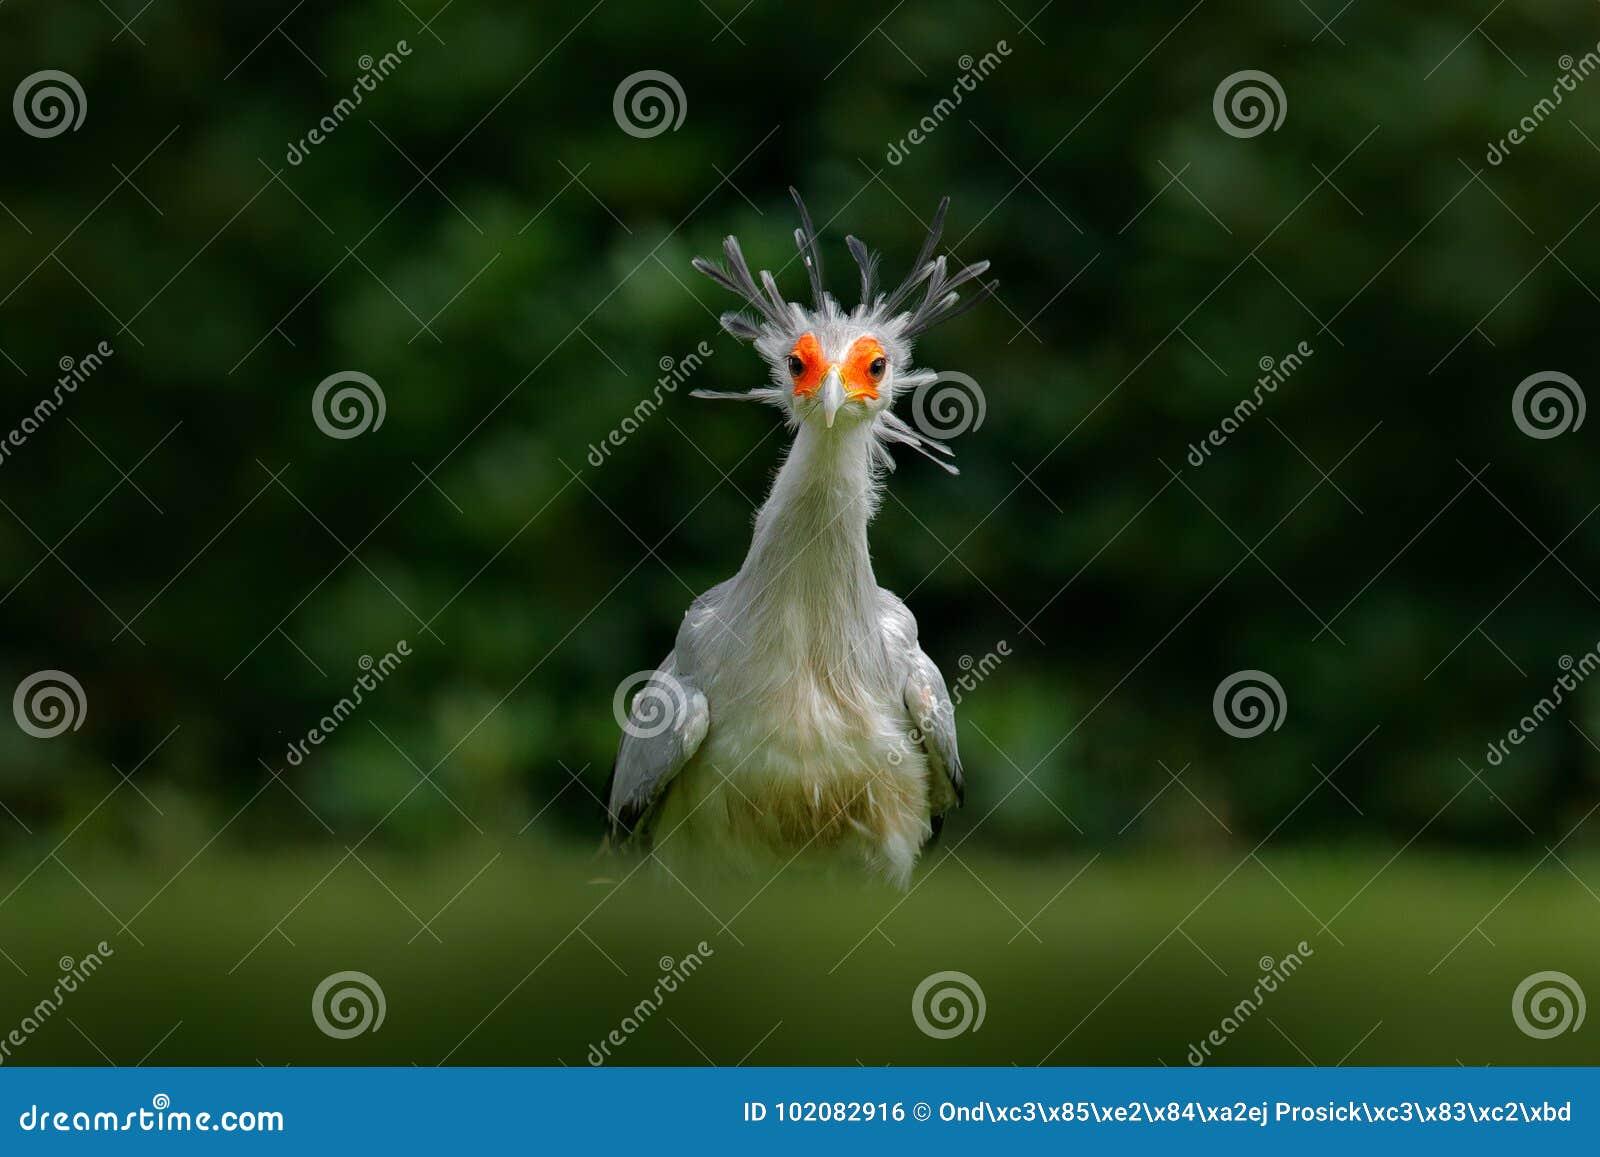 Secrétaire Bird, serpentarius de Sagittaire, portrait d oiseau de proie gris gentil avec le visage orange, Kenya, Afrique Scène d